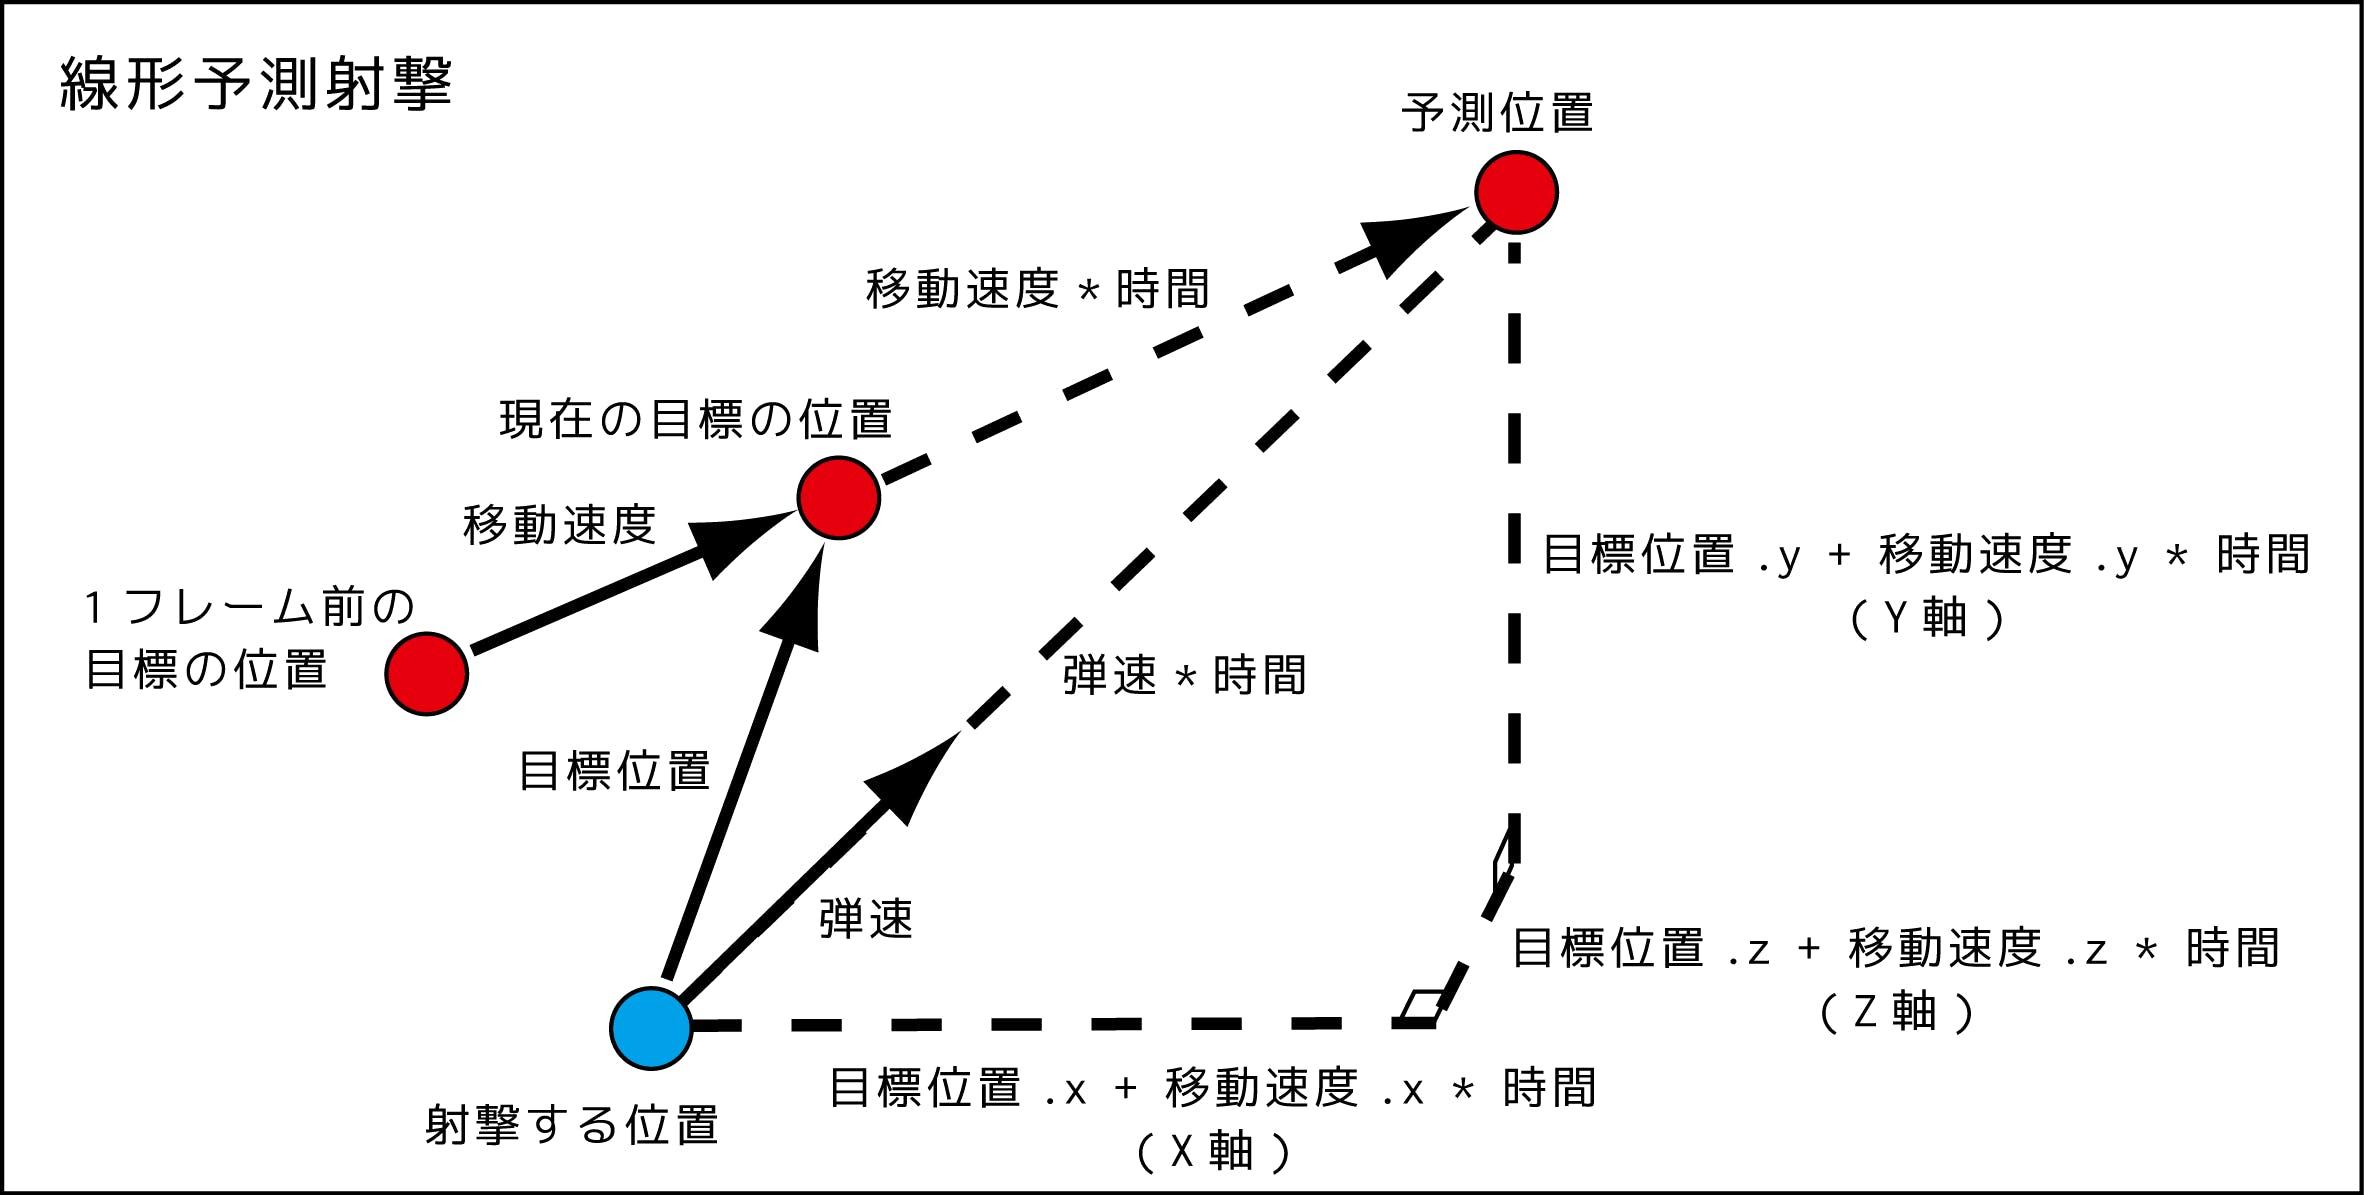 予測射撃図_181119_1.png